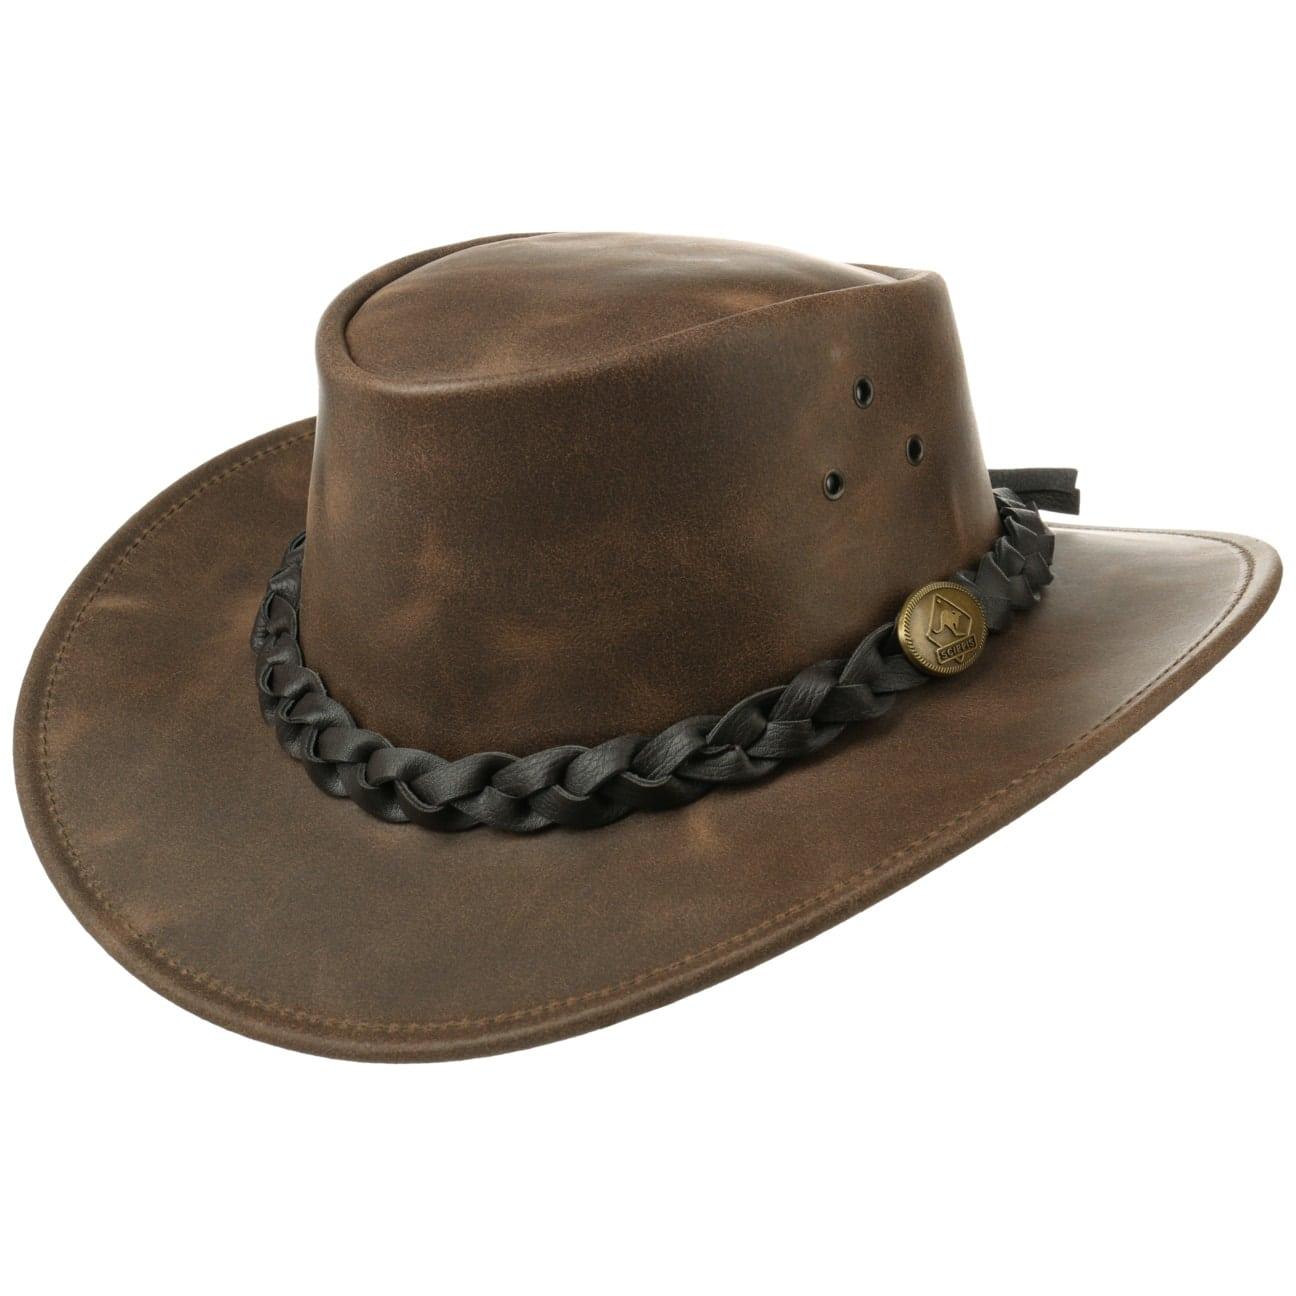 Sombrero de Piel Traveller by Scippis